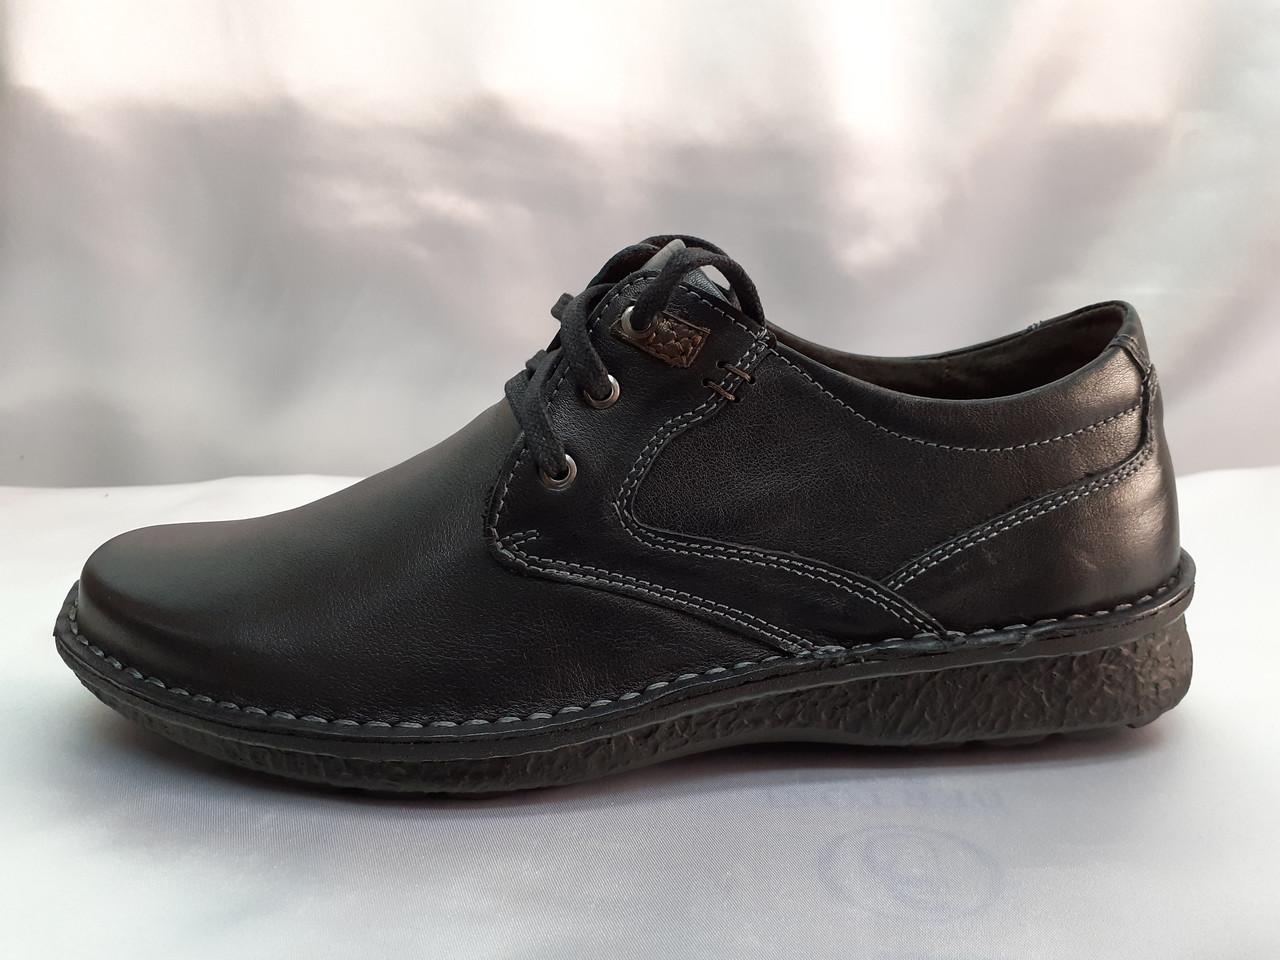 Кожаные демисезонные полуботинки на шнурках Detta